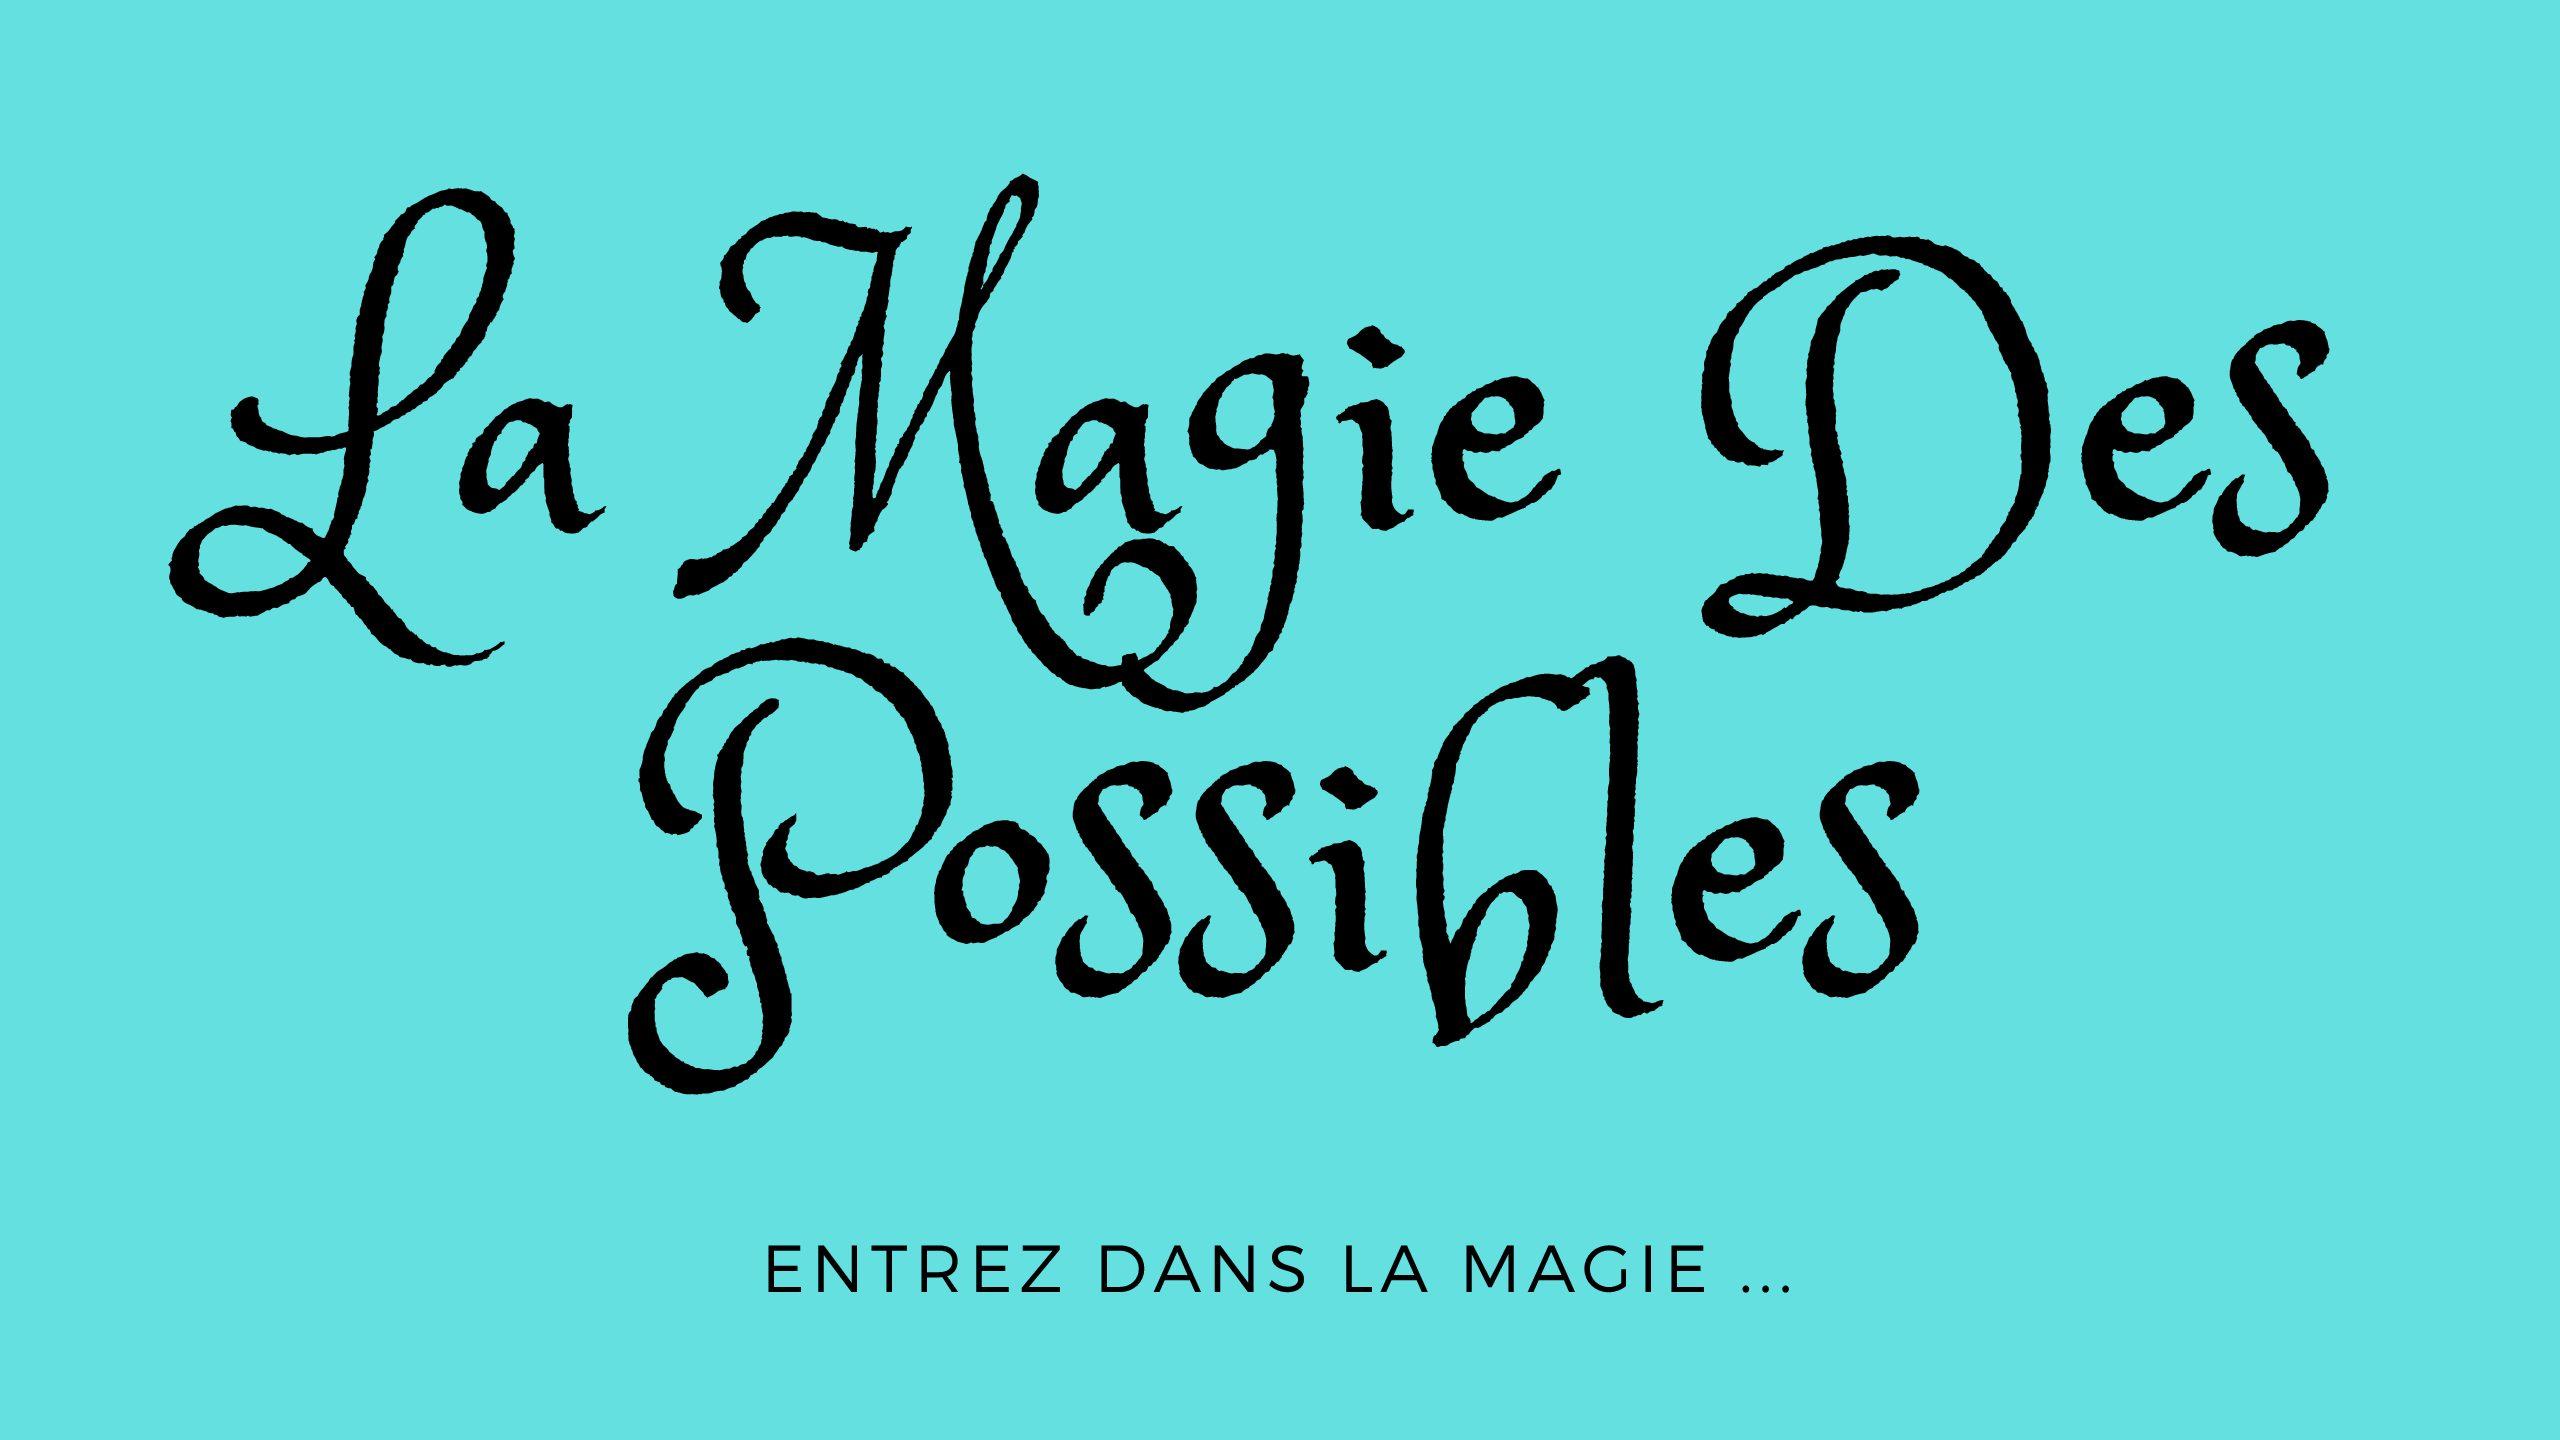 La magie des possibles